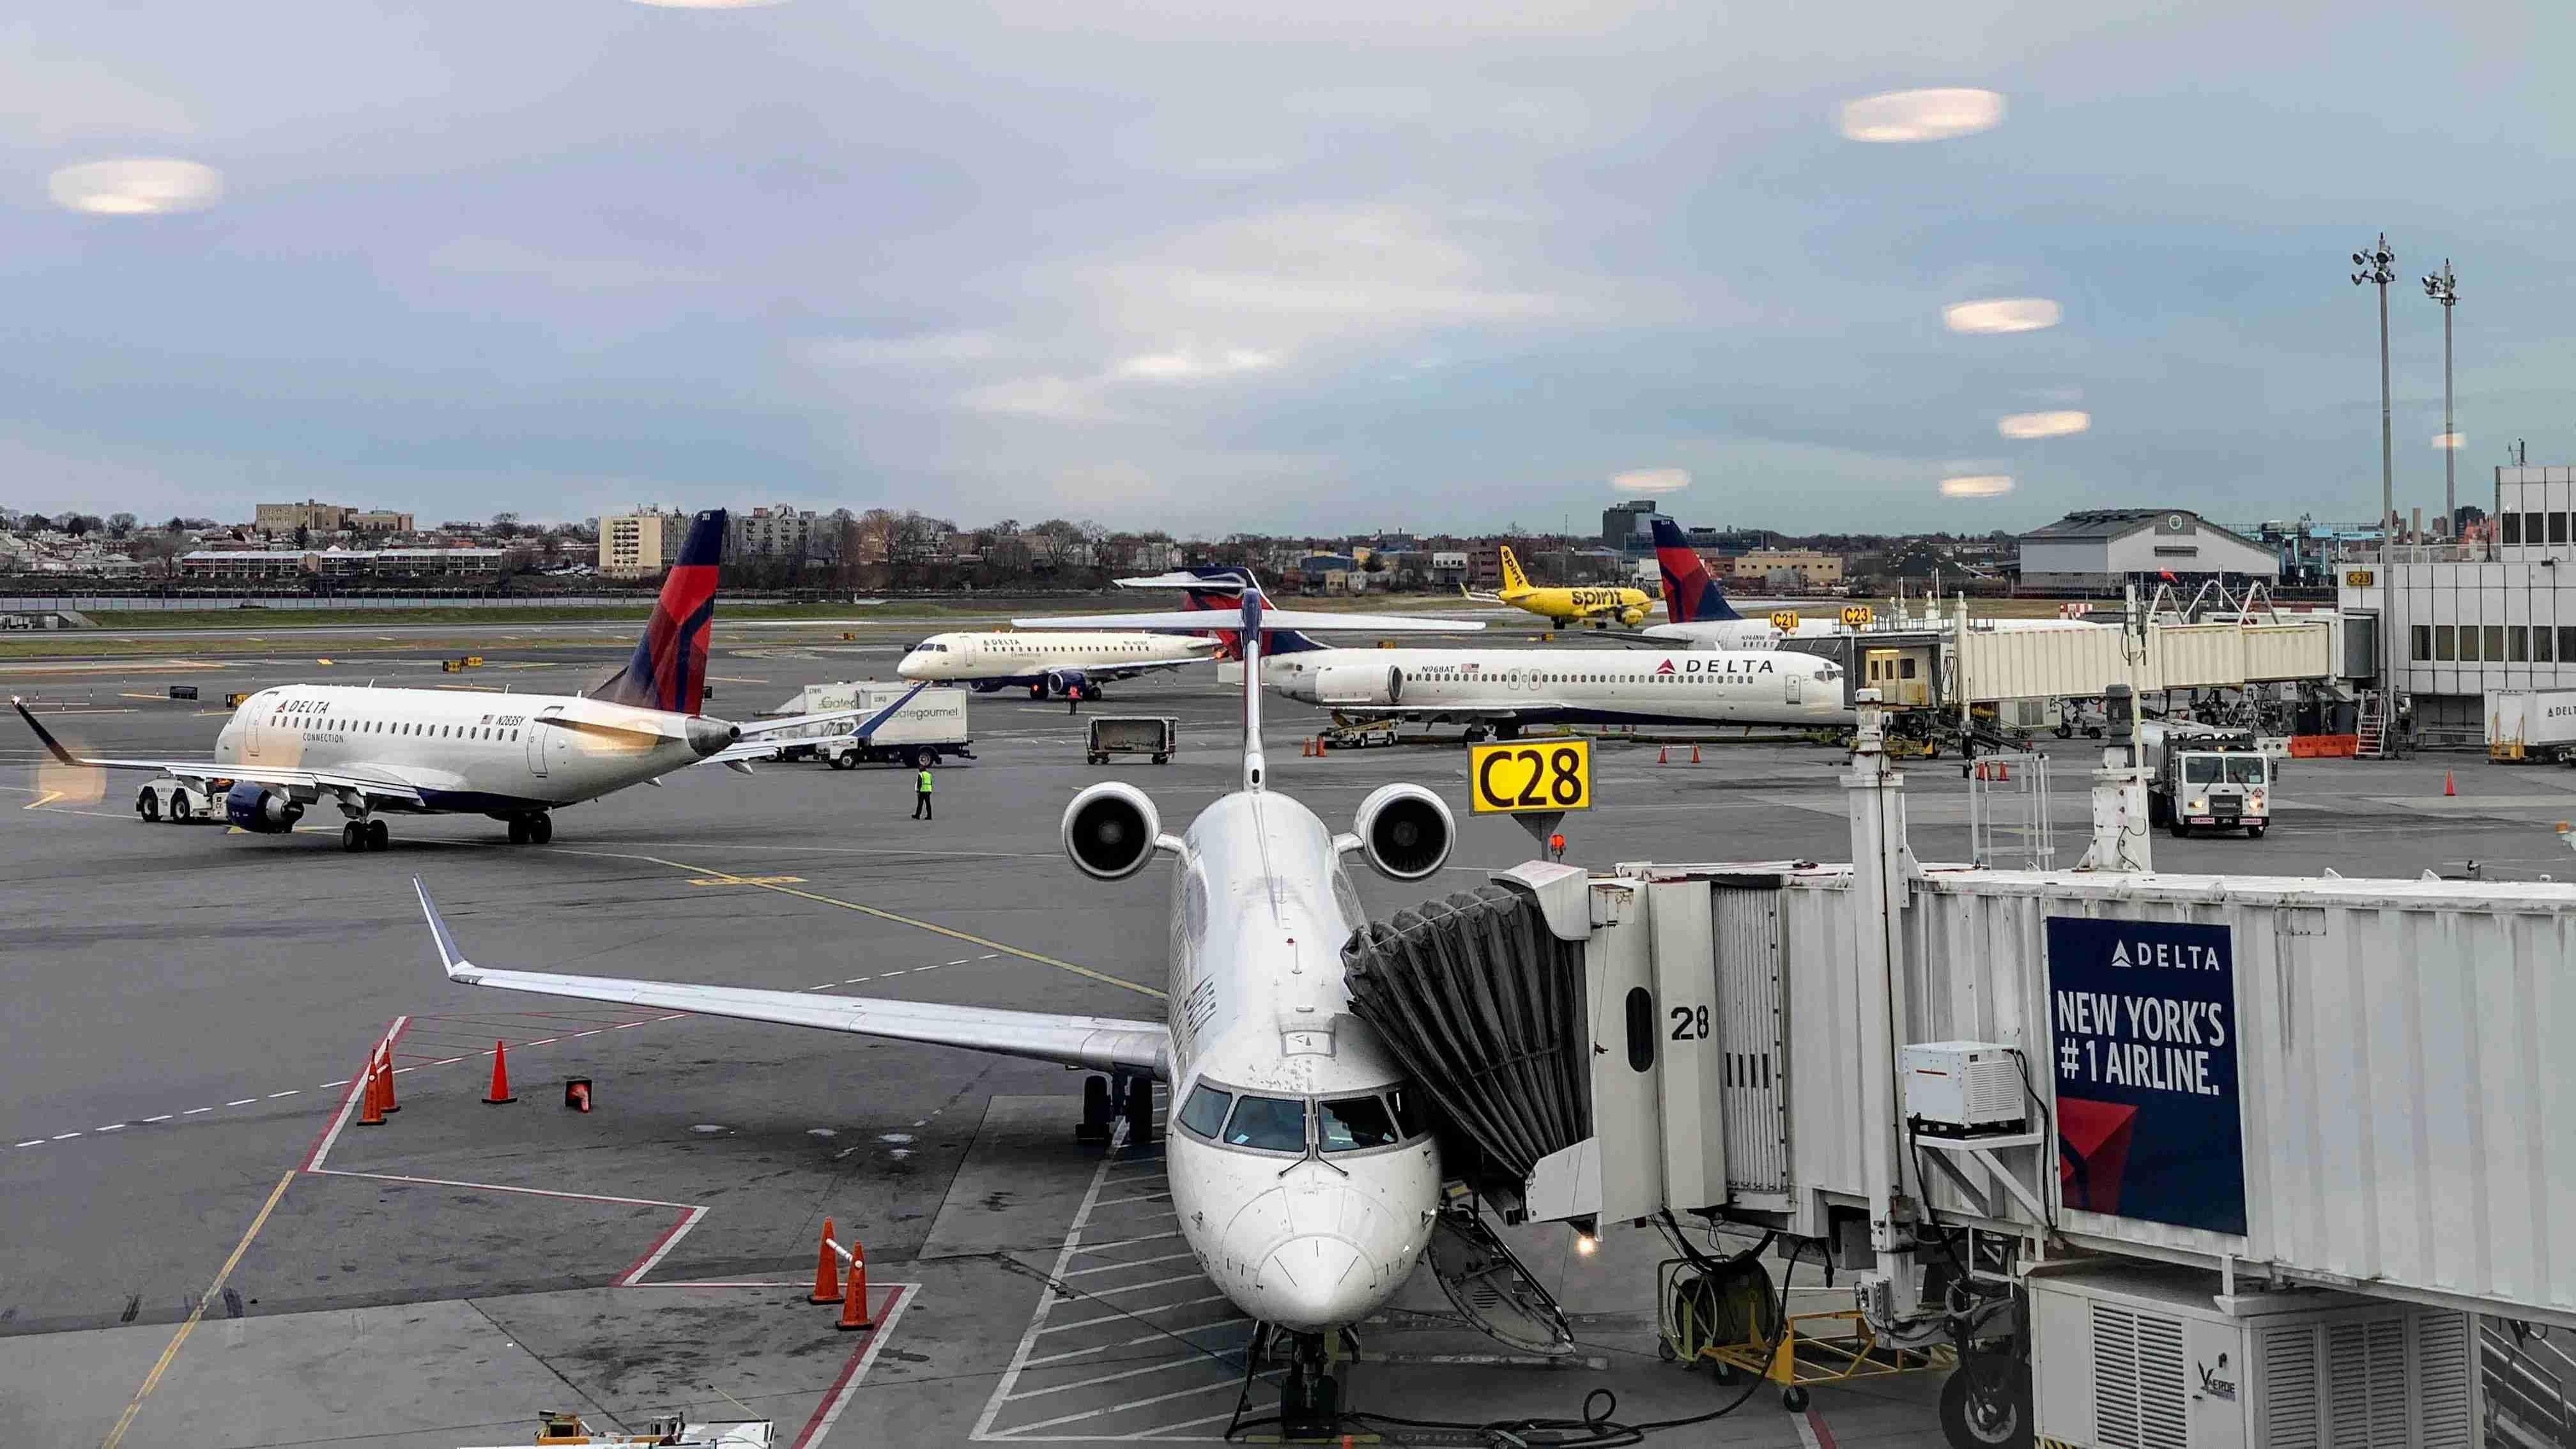 Delta aircraft at New York